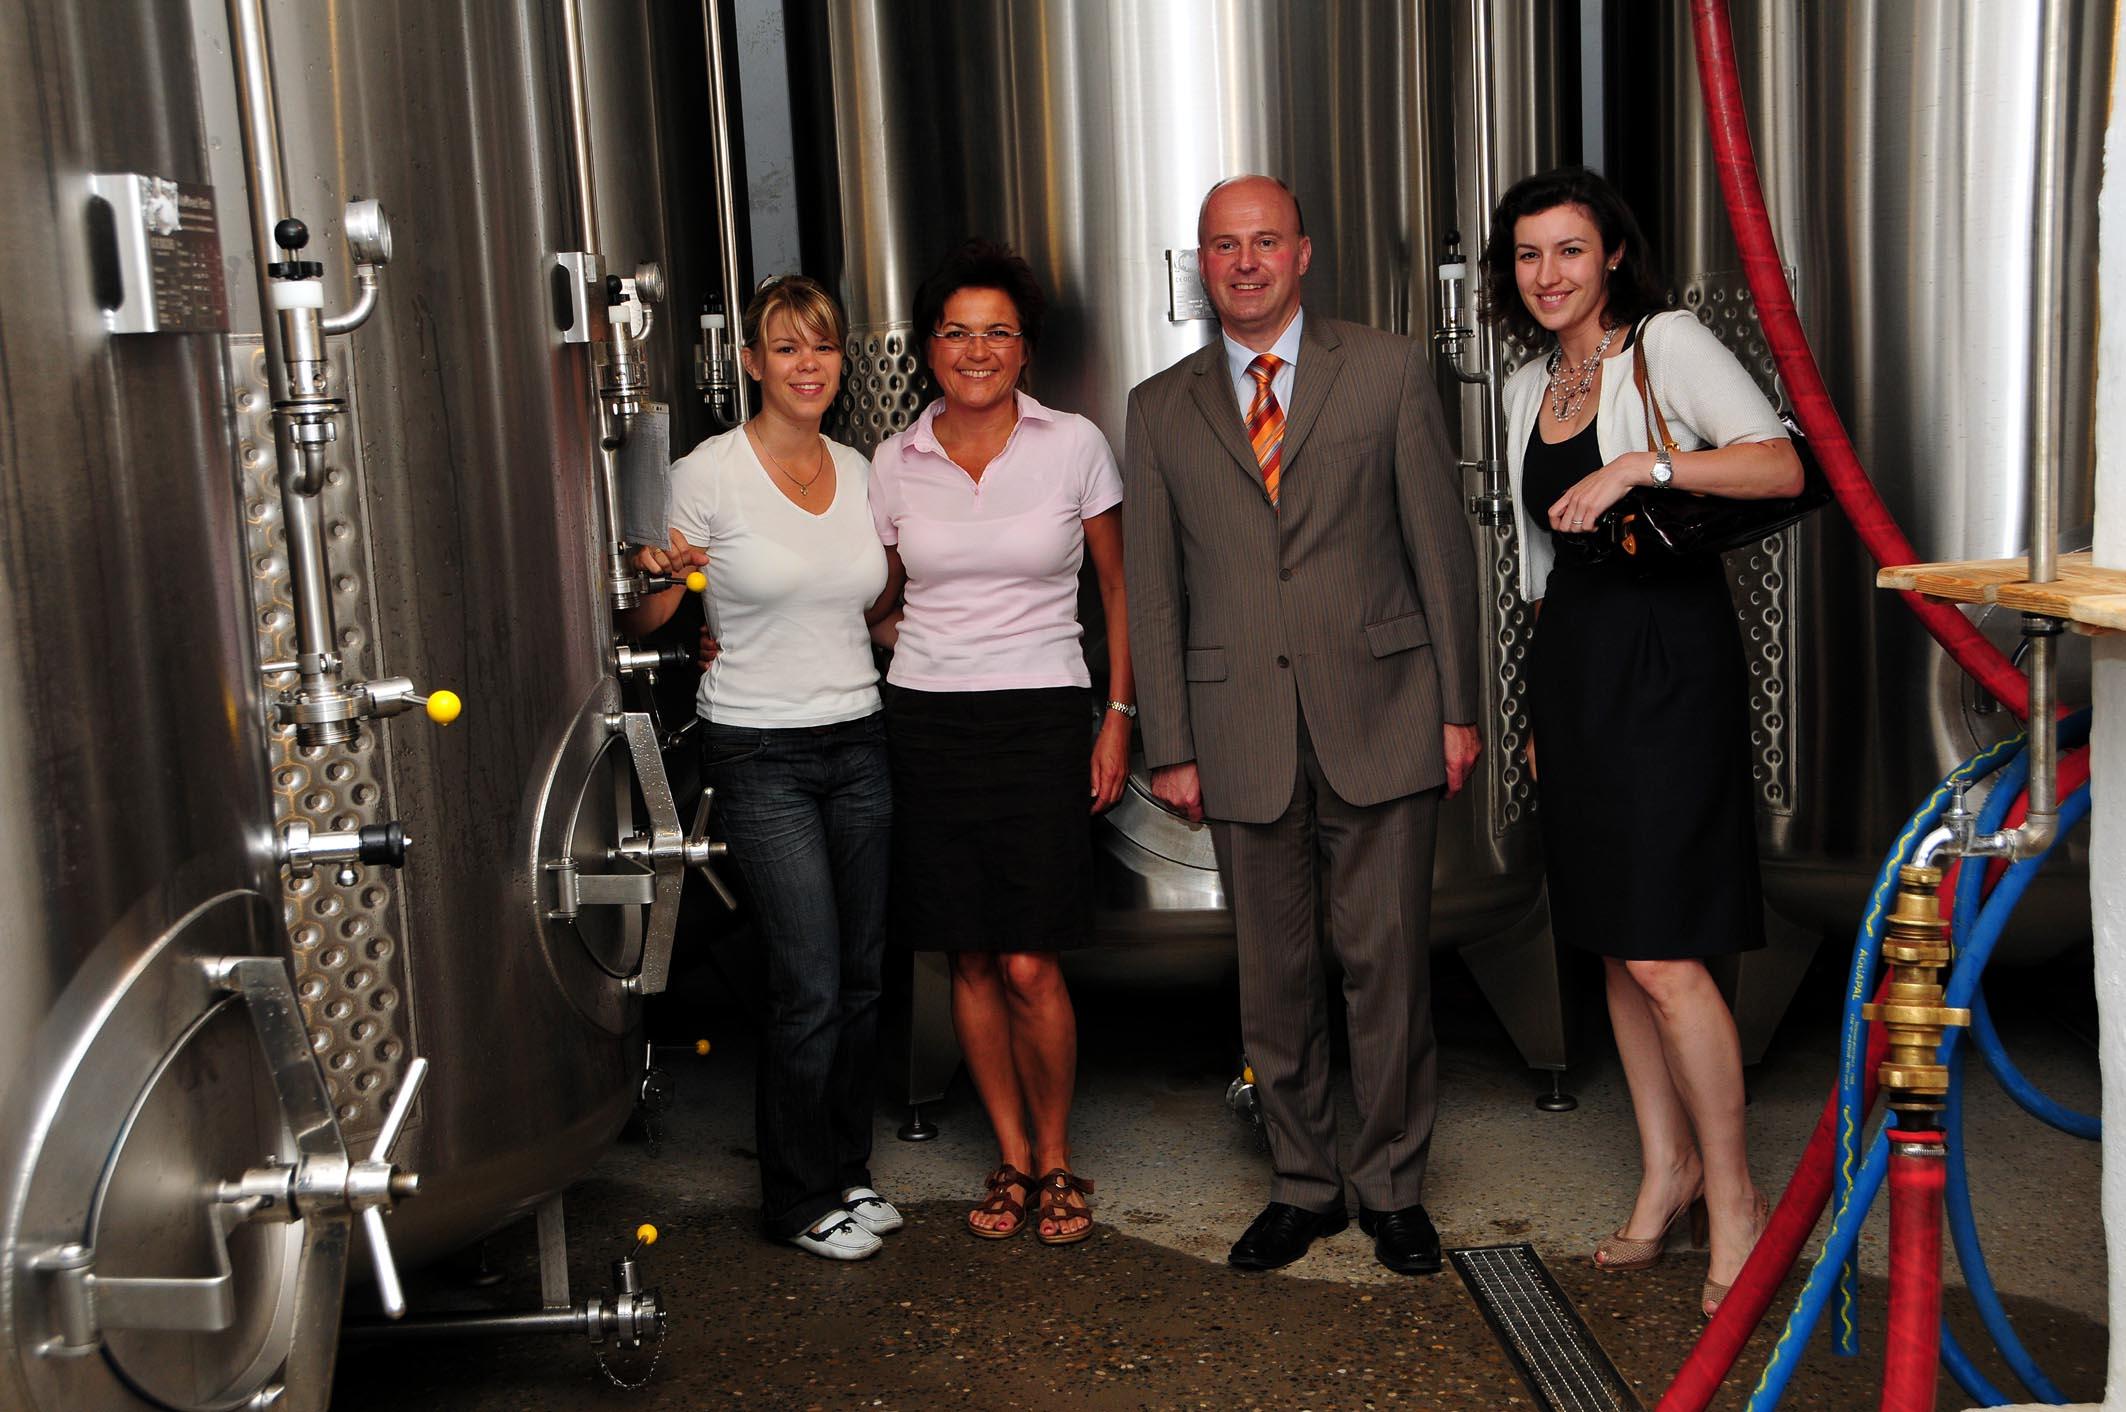 Koschyk Bär Gräfenberg Brauerei 1